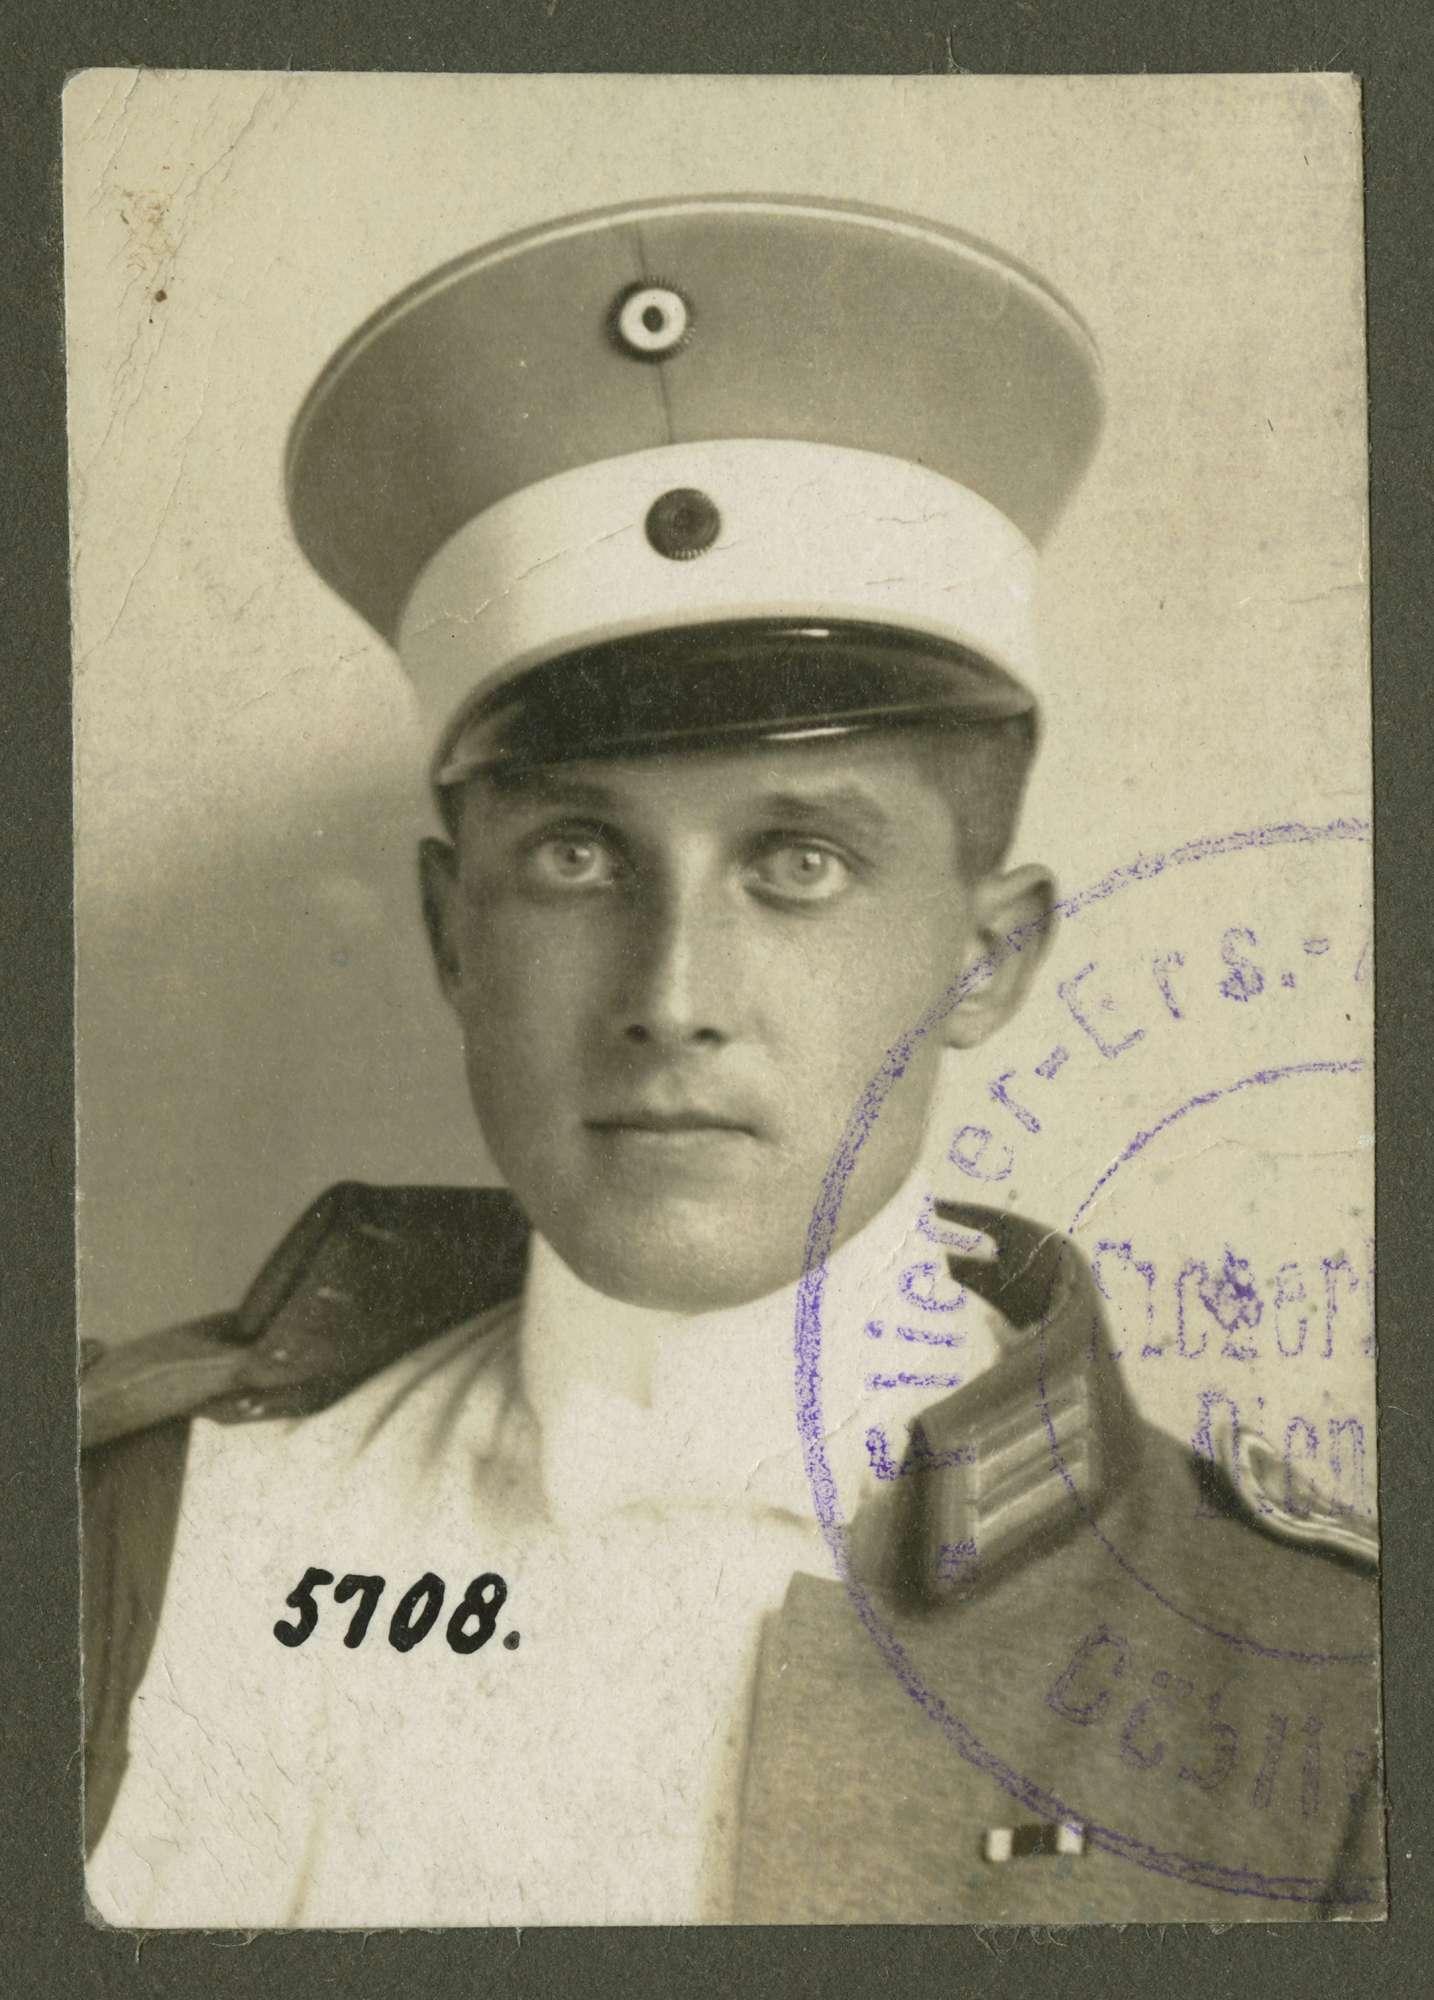 Otto, Heinz, Bild 2